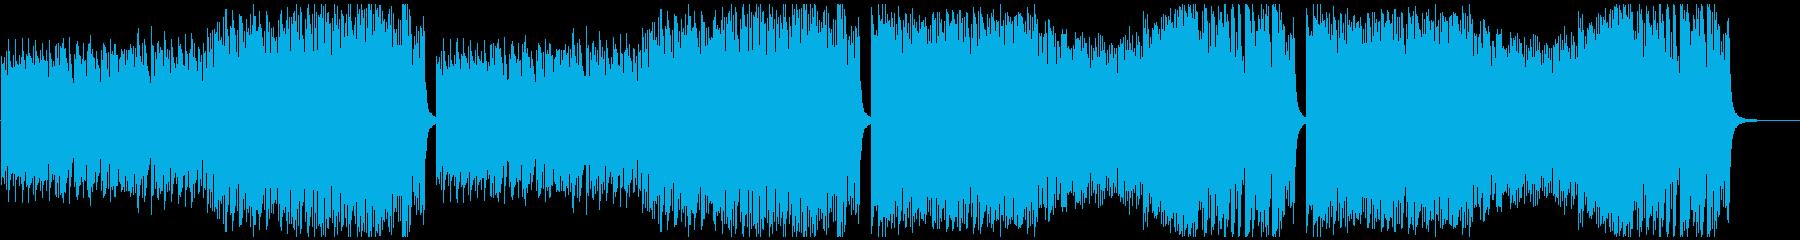 調理シーン等に最適のピアノソロ曲の再生済みの波形